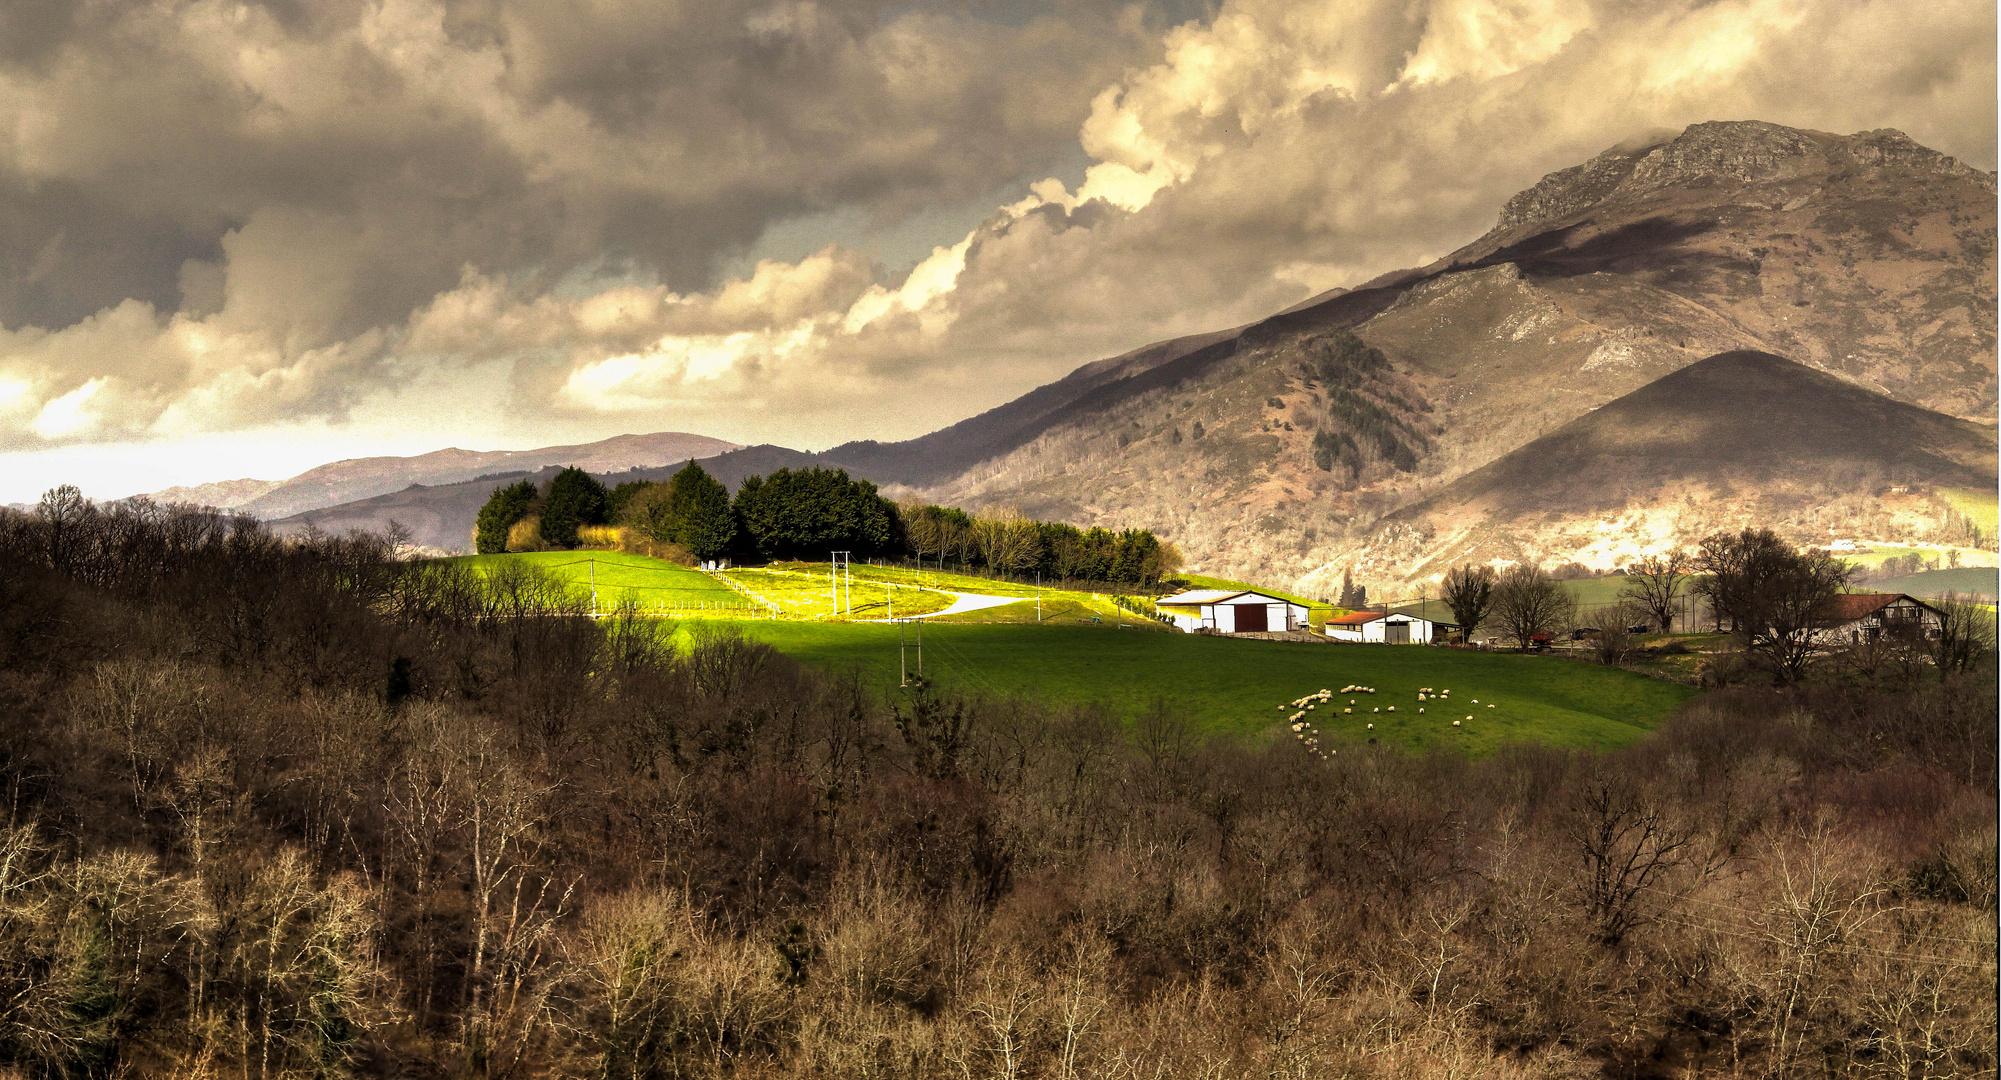 lumière au pays Basque